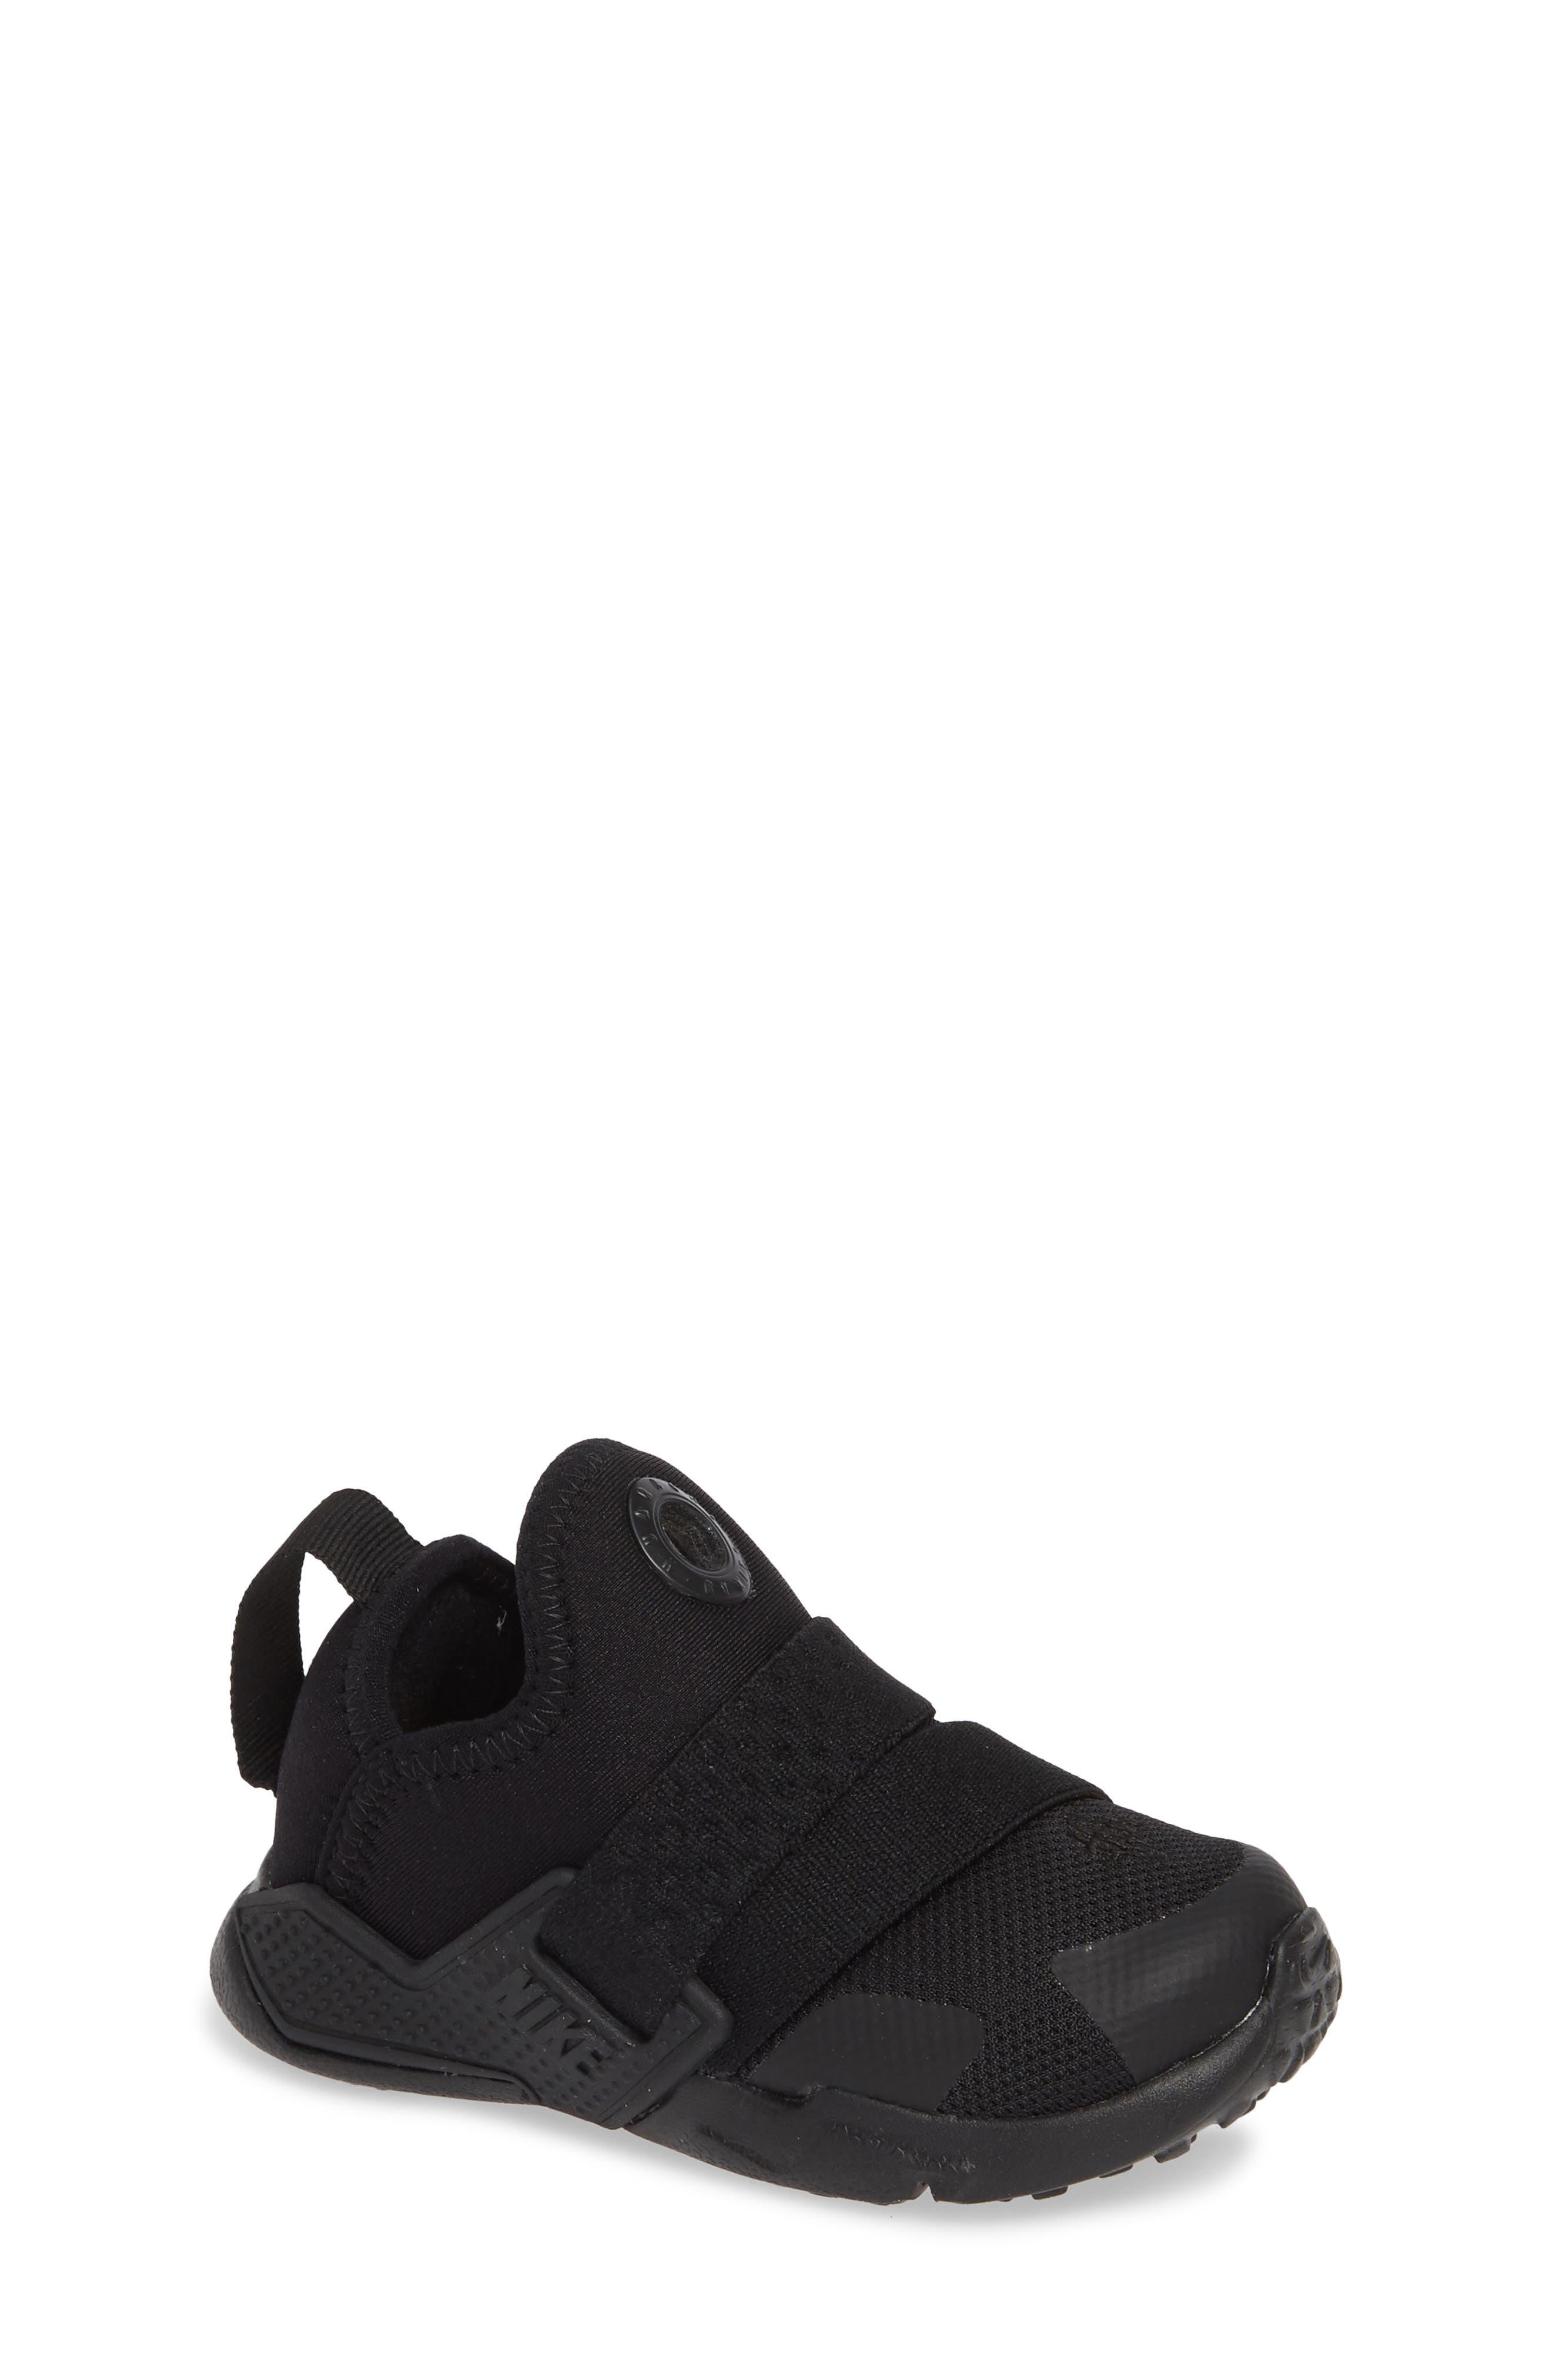 Huarache Extreme Sneaker,                             Main thumbnail 1, color,                             BLACK/ BLACK-BLACK